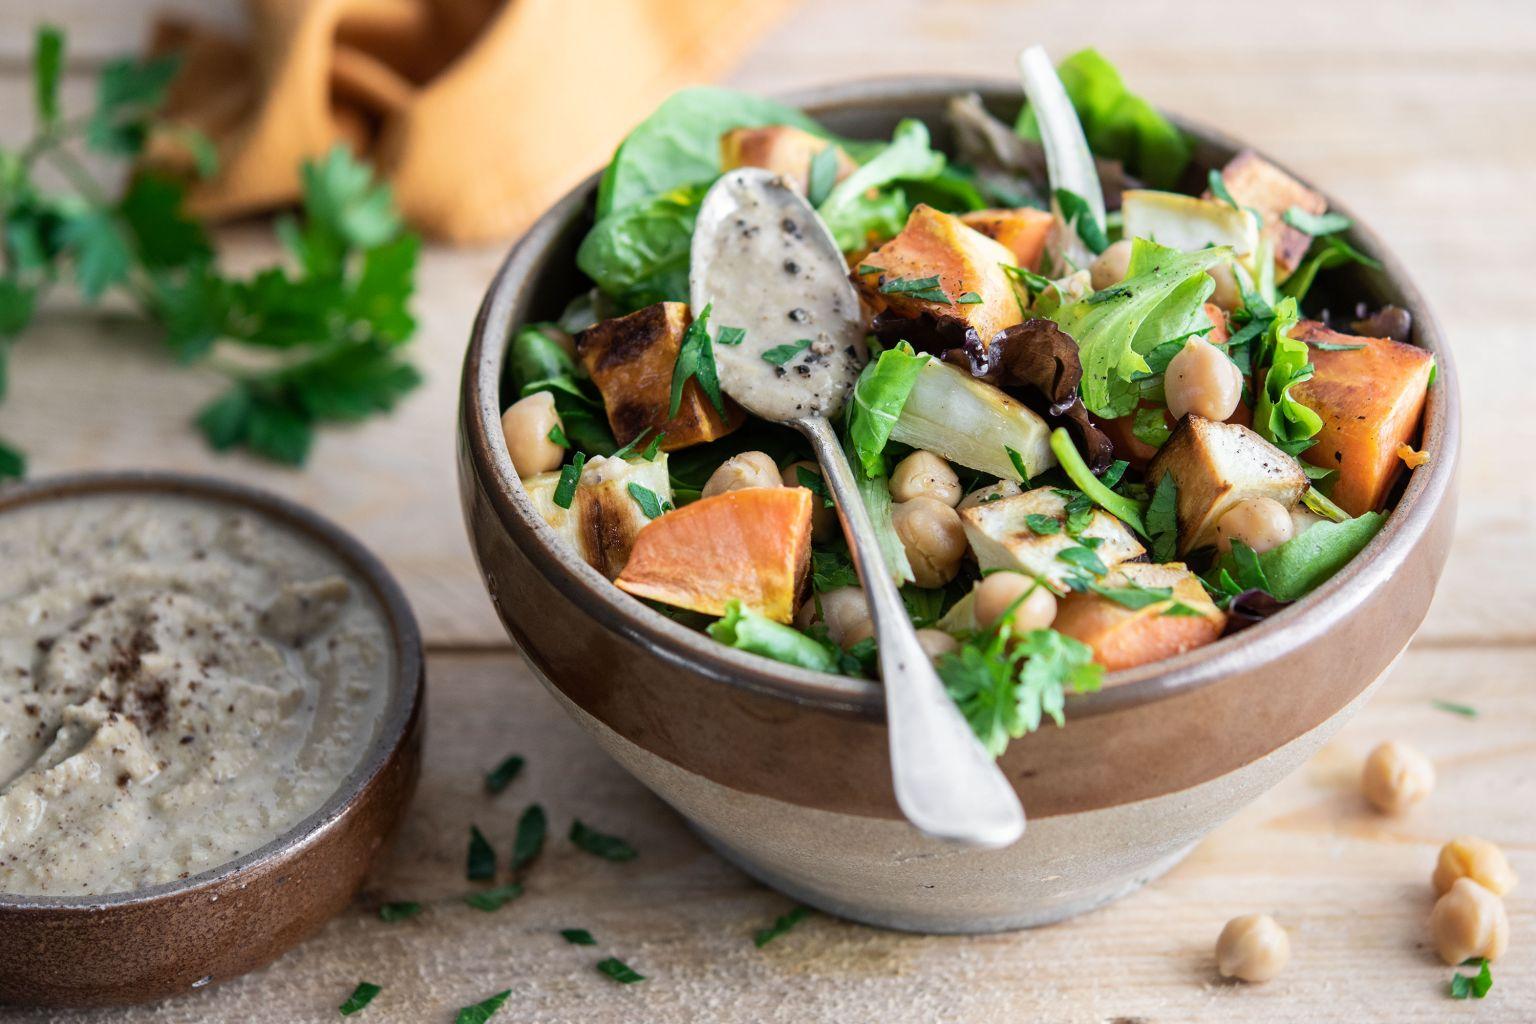 Salade de patate douce et légumes rôtis, houmous au sumac